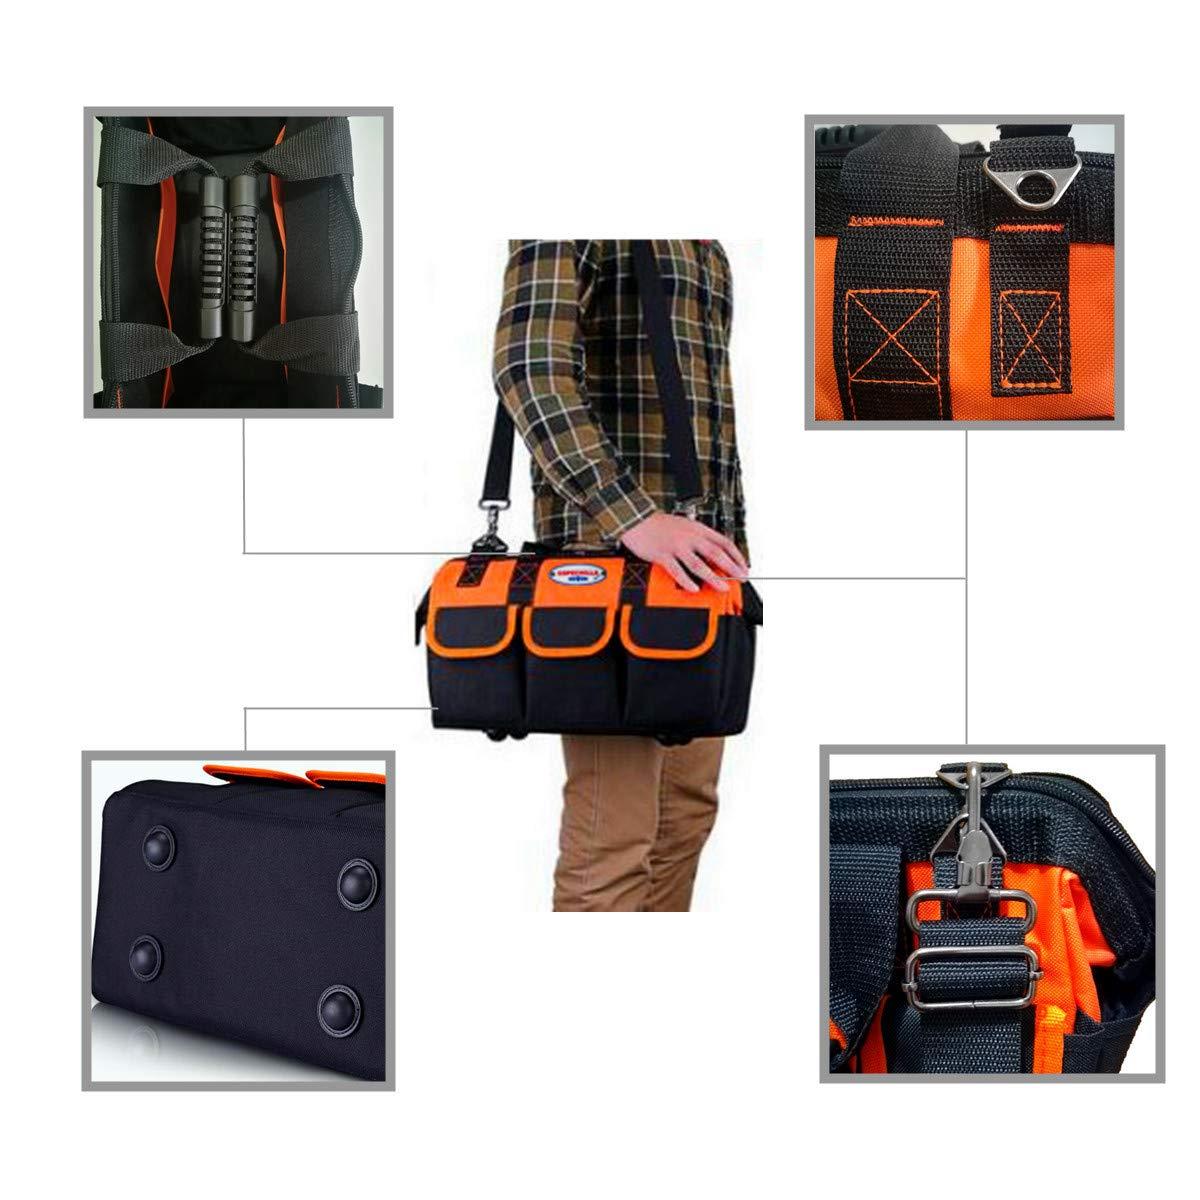 COPECHILLA sac a outils electricien professionnel,30X 23X 15CM,Noir,Mat/ériel 600D Oxford double /épaissie imperm/éables,avec ceinture r/églable et poign/ée,pour electricien,maintenanceman technique